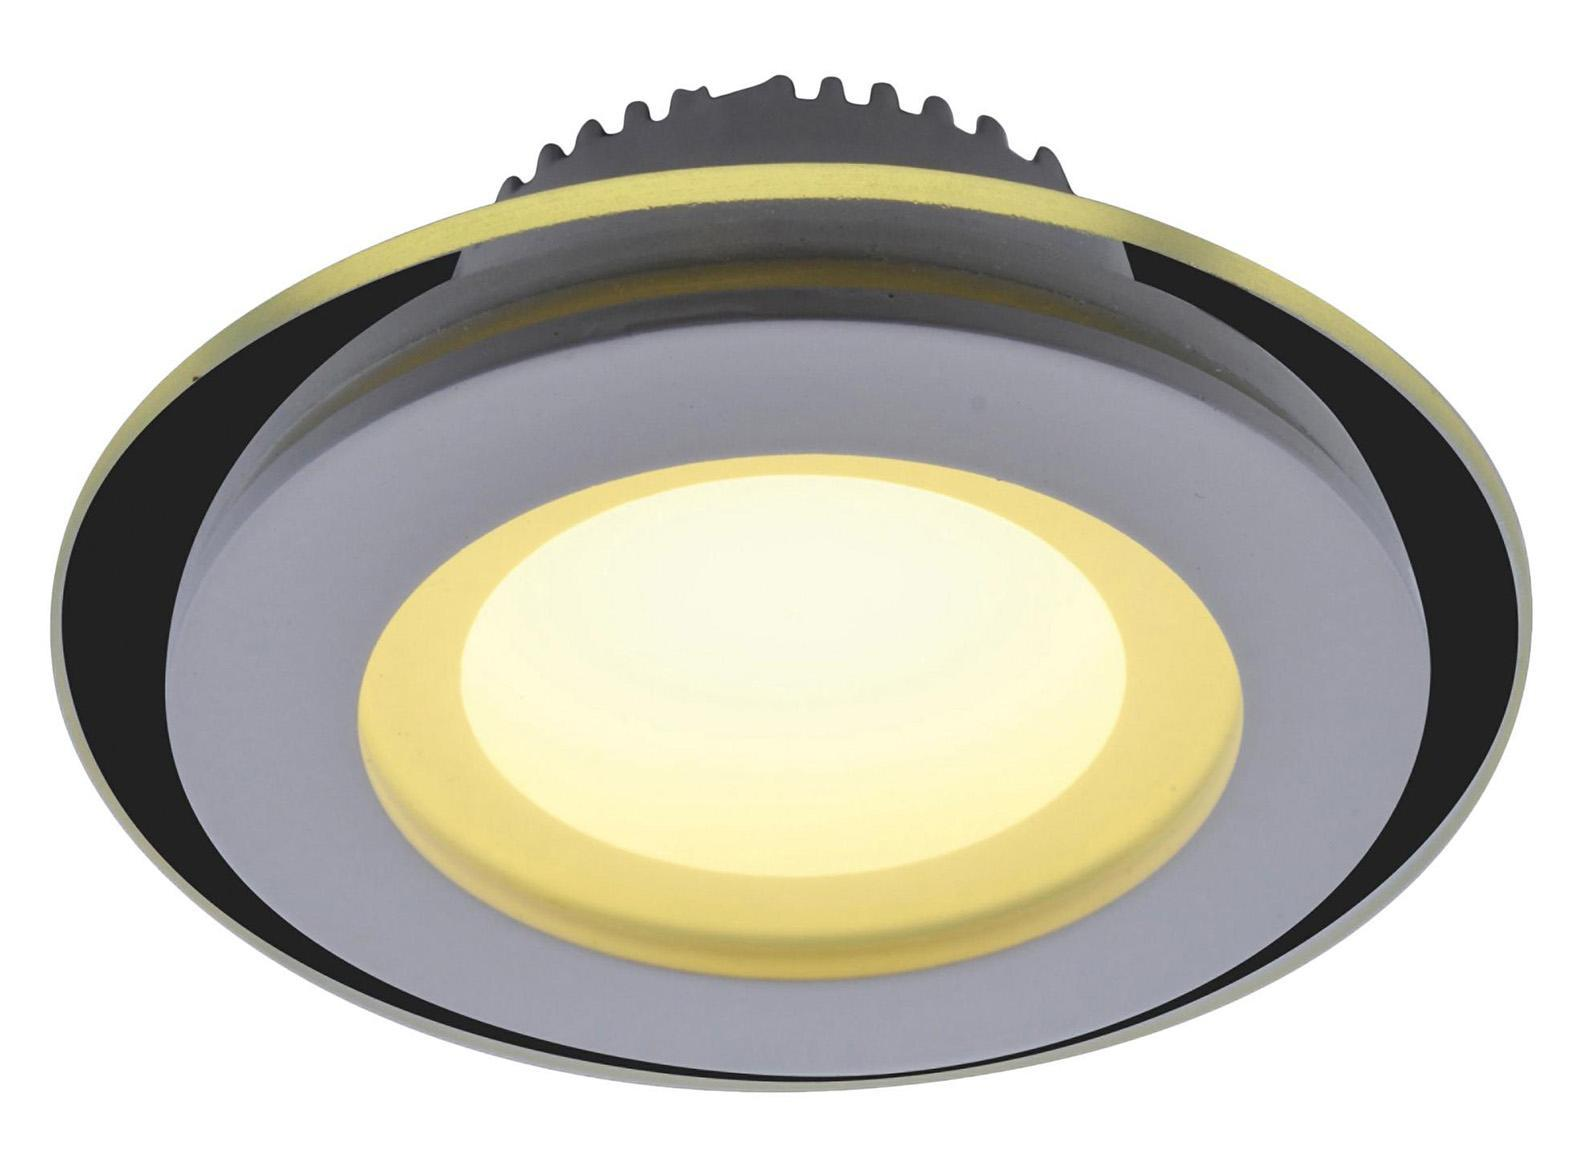 Светильник встраиваемый Arte lamp A4106pl-1wh arte lamp встраиваемый светильник arte lamp raggio a4106pl 1wh